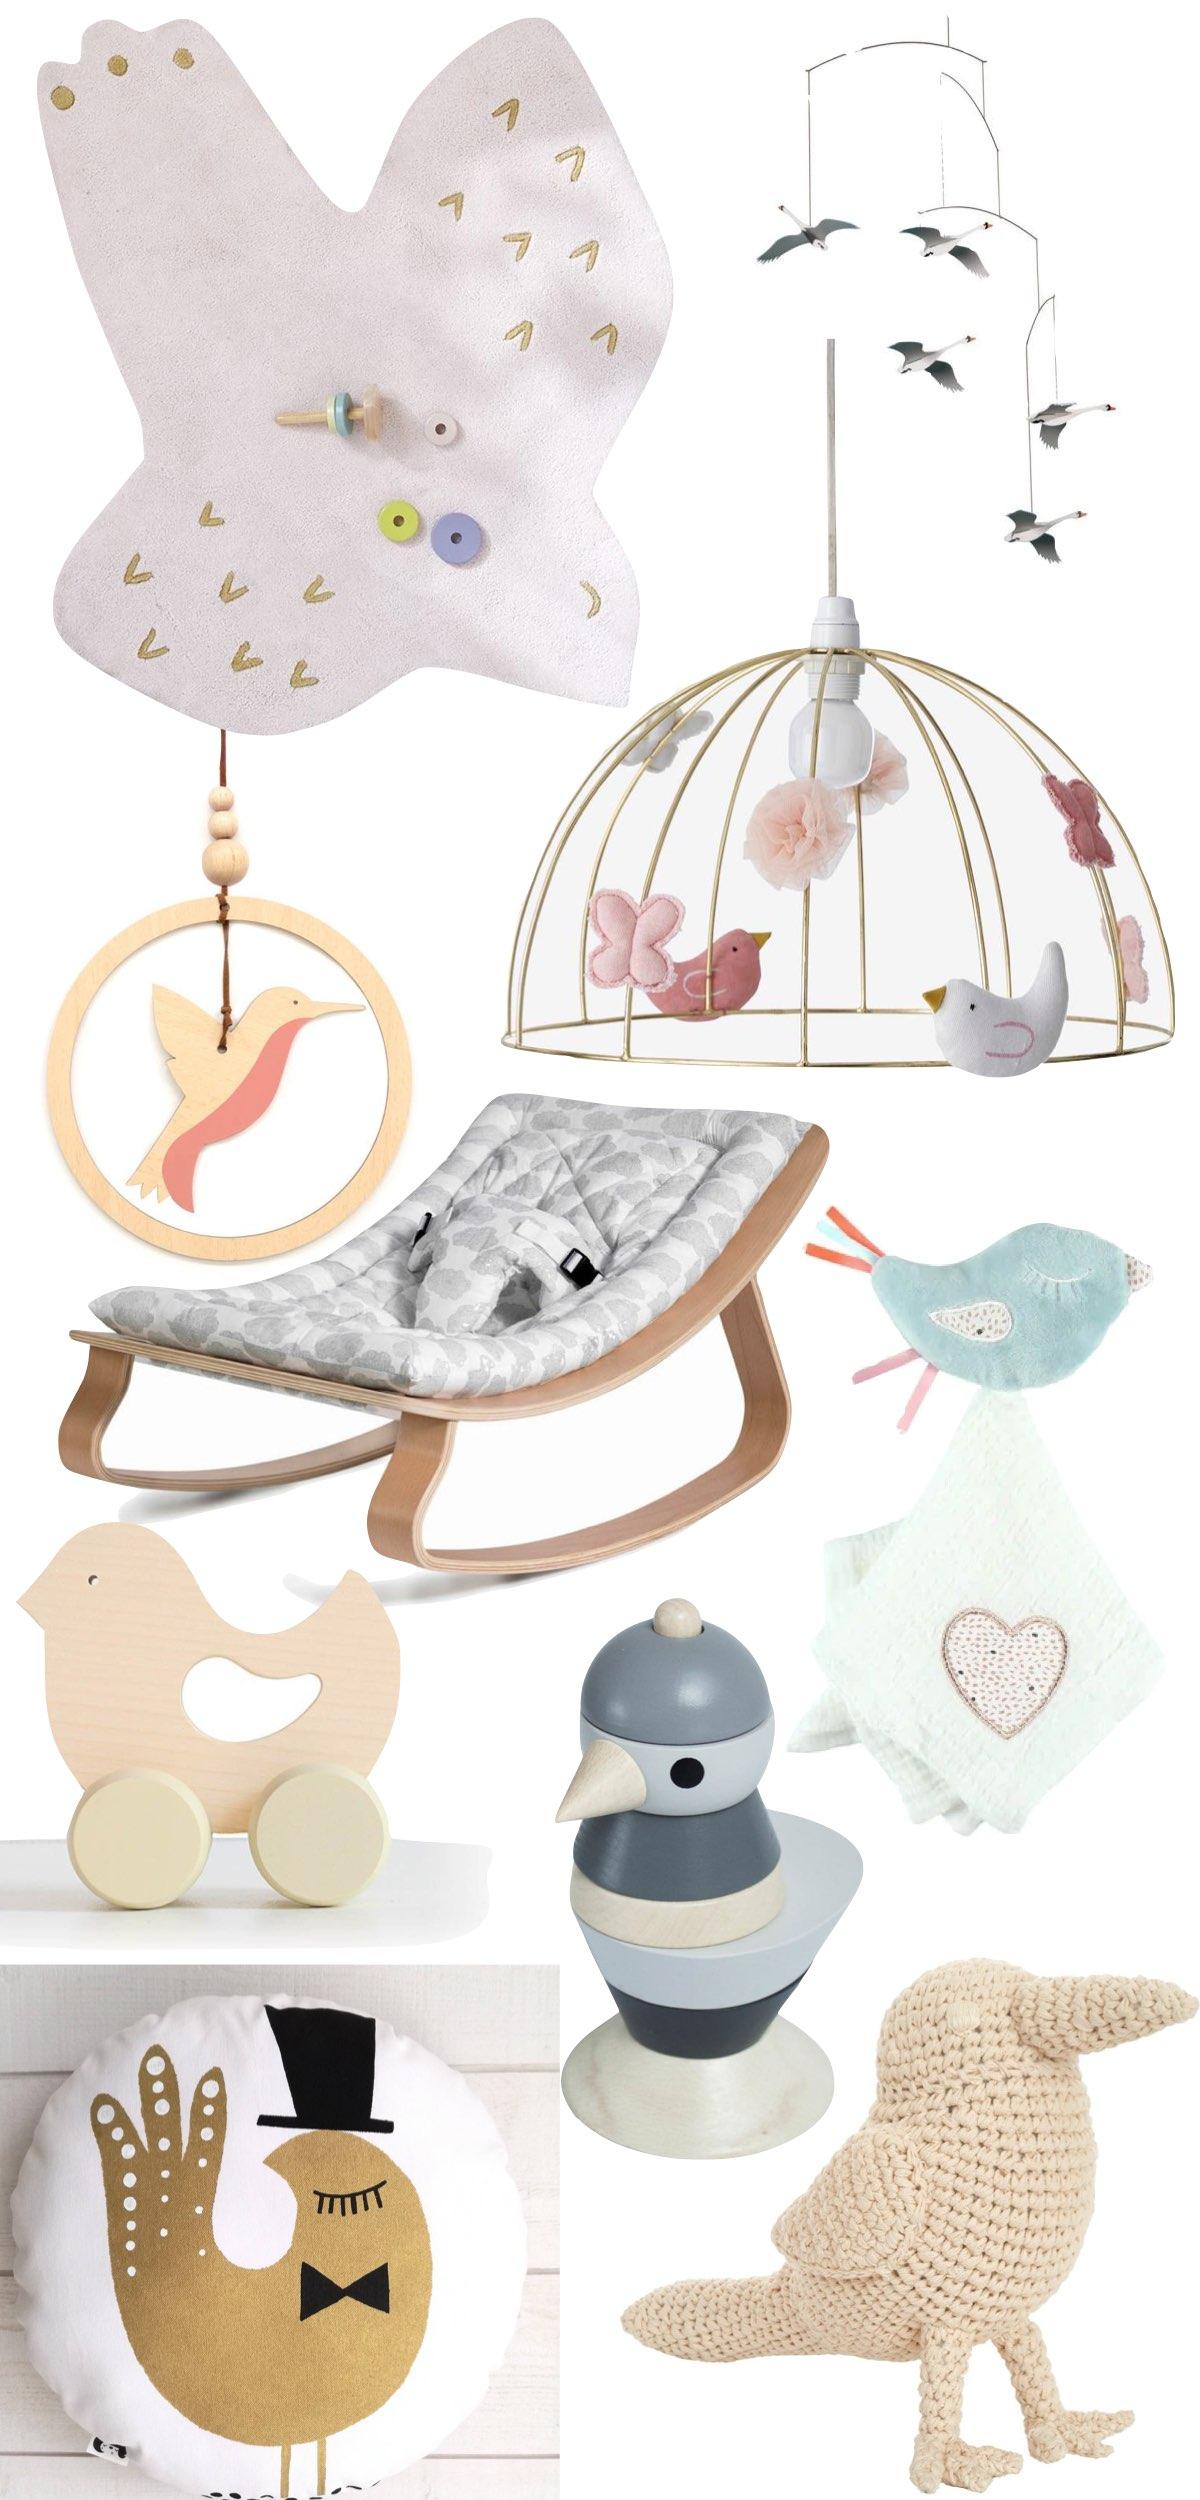 thème oiseau chambre bébé idée cadeau naissance fille mobile tapis jouet en bois